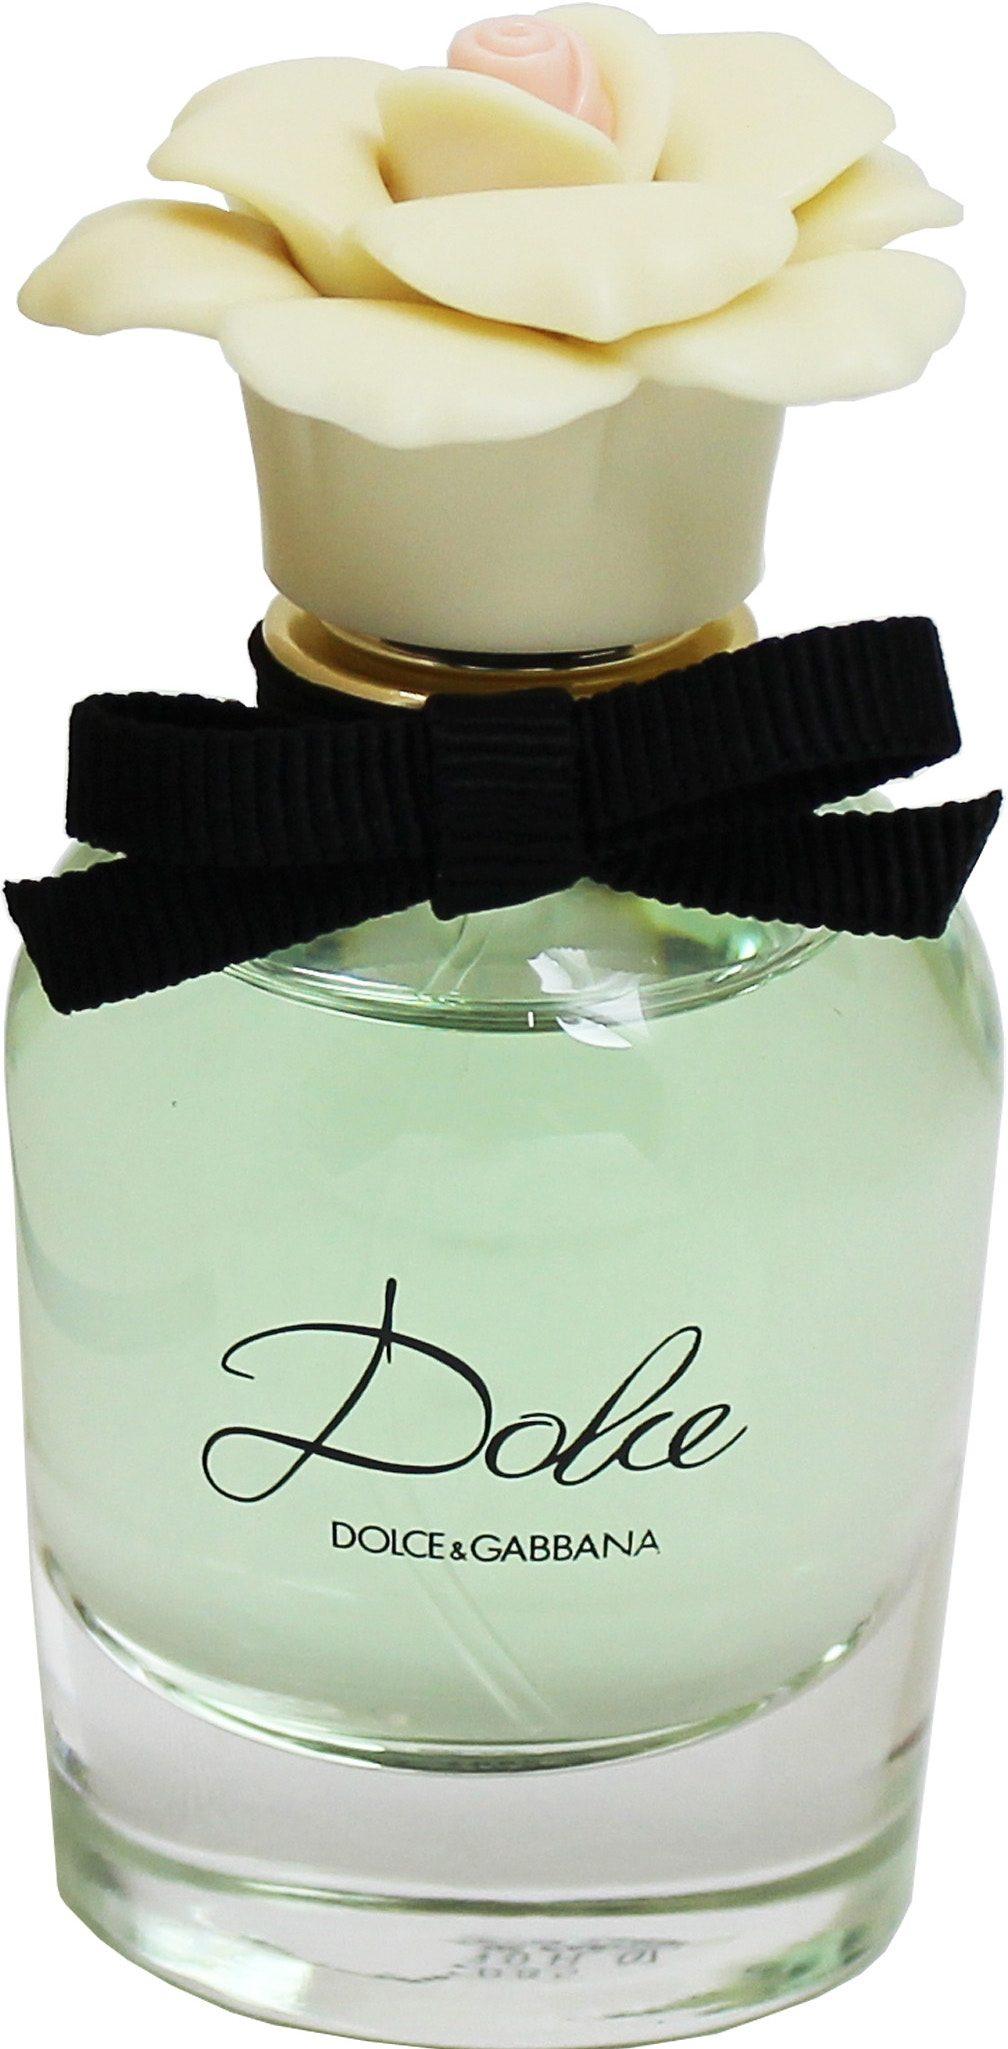 Dolce & Gabbana, »Dolce«, Eau de Parfum